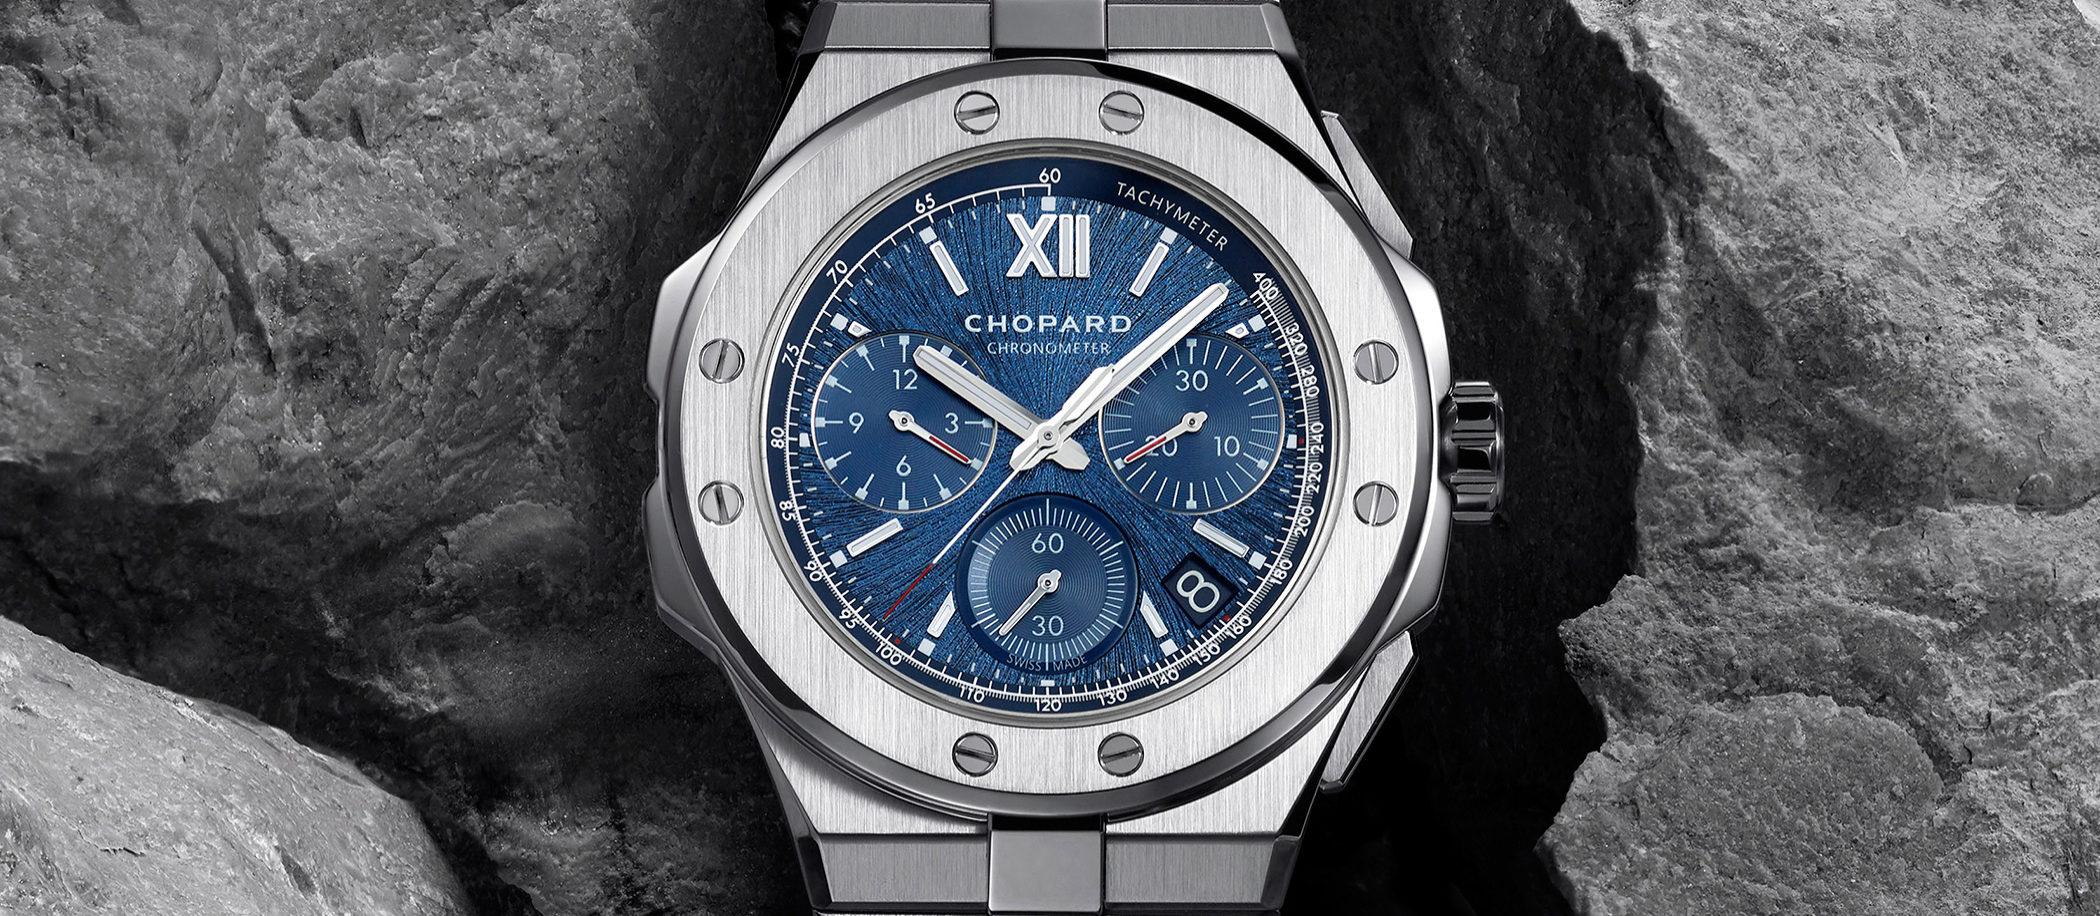 Chopard Alpine Eagle XL Chrono